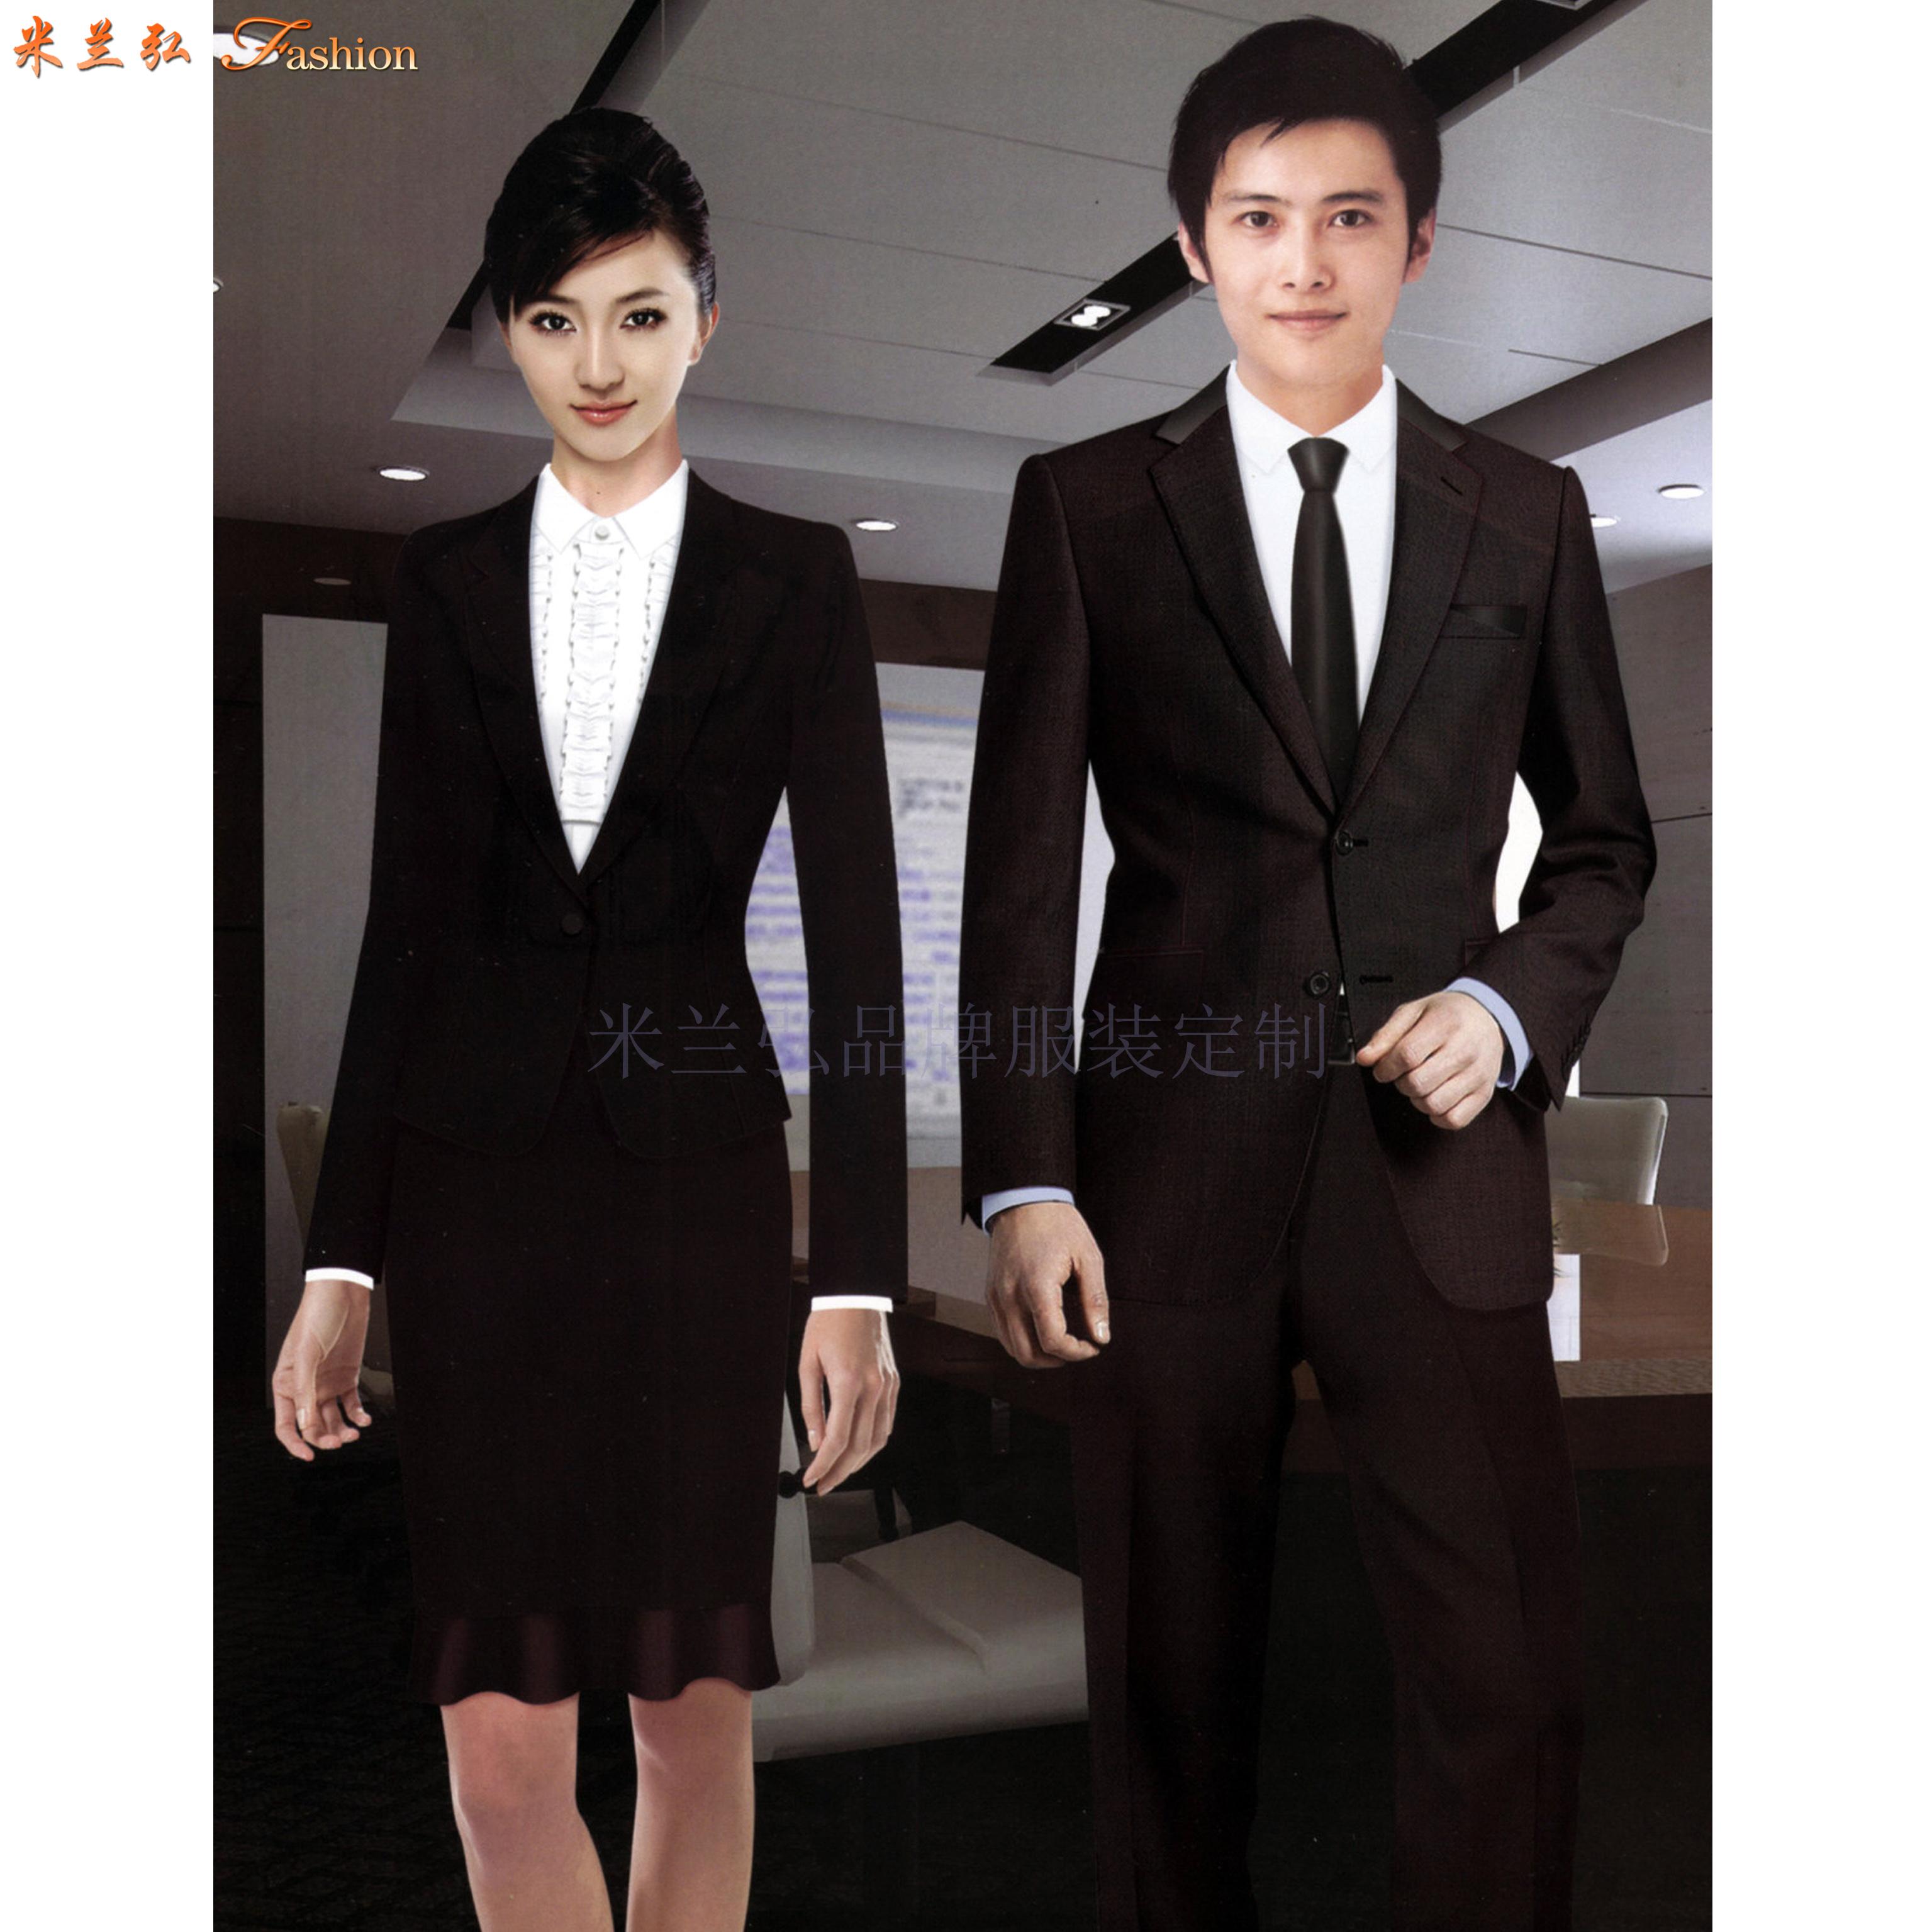 「北京正裝定制」「北京正裝訂做」推薦西裝革履米蘭弘品牌服裝-1